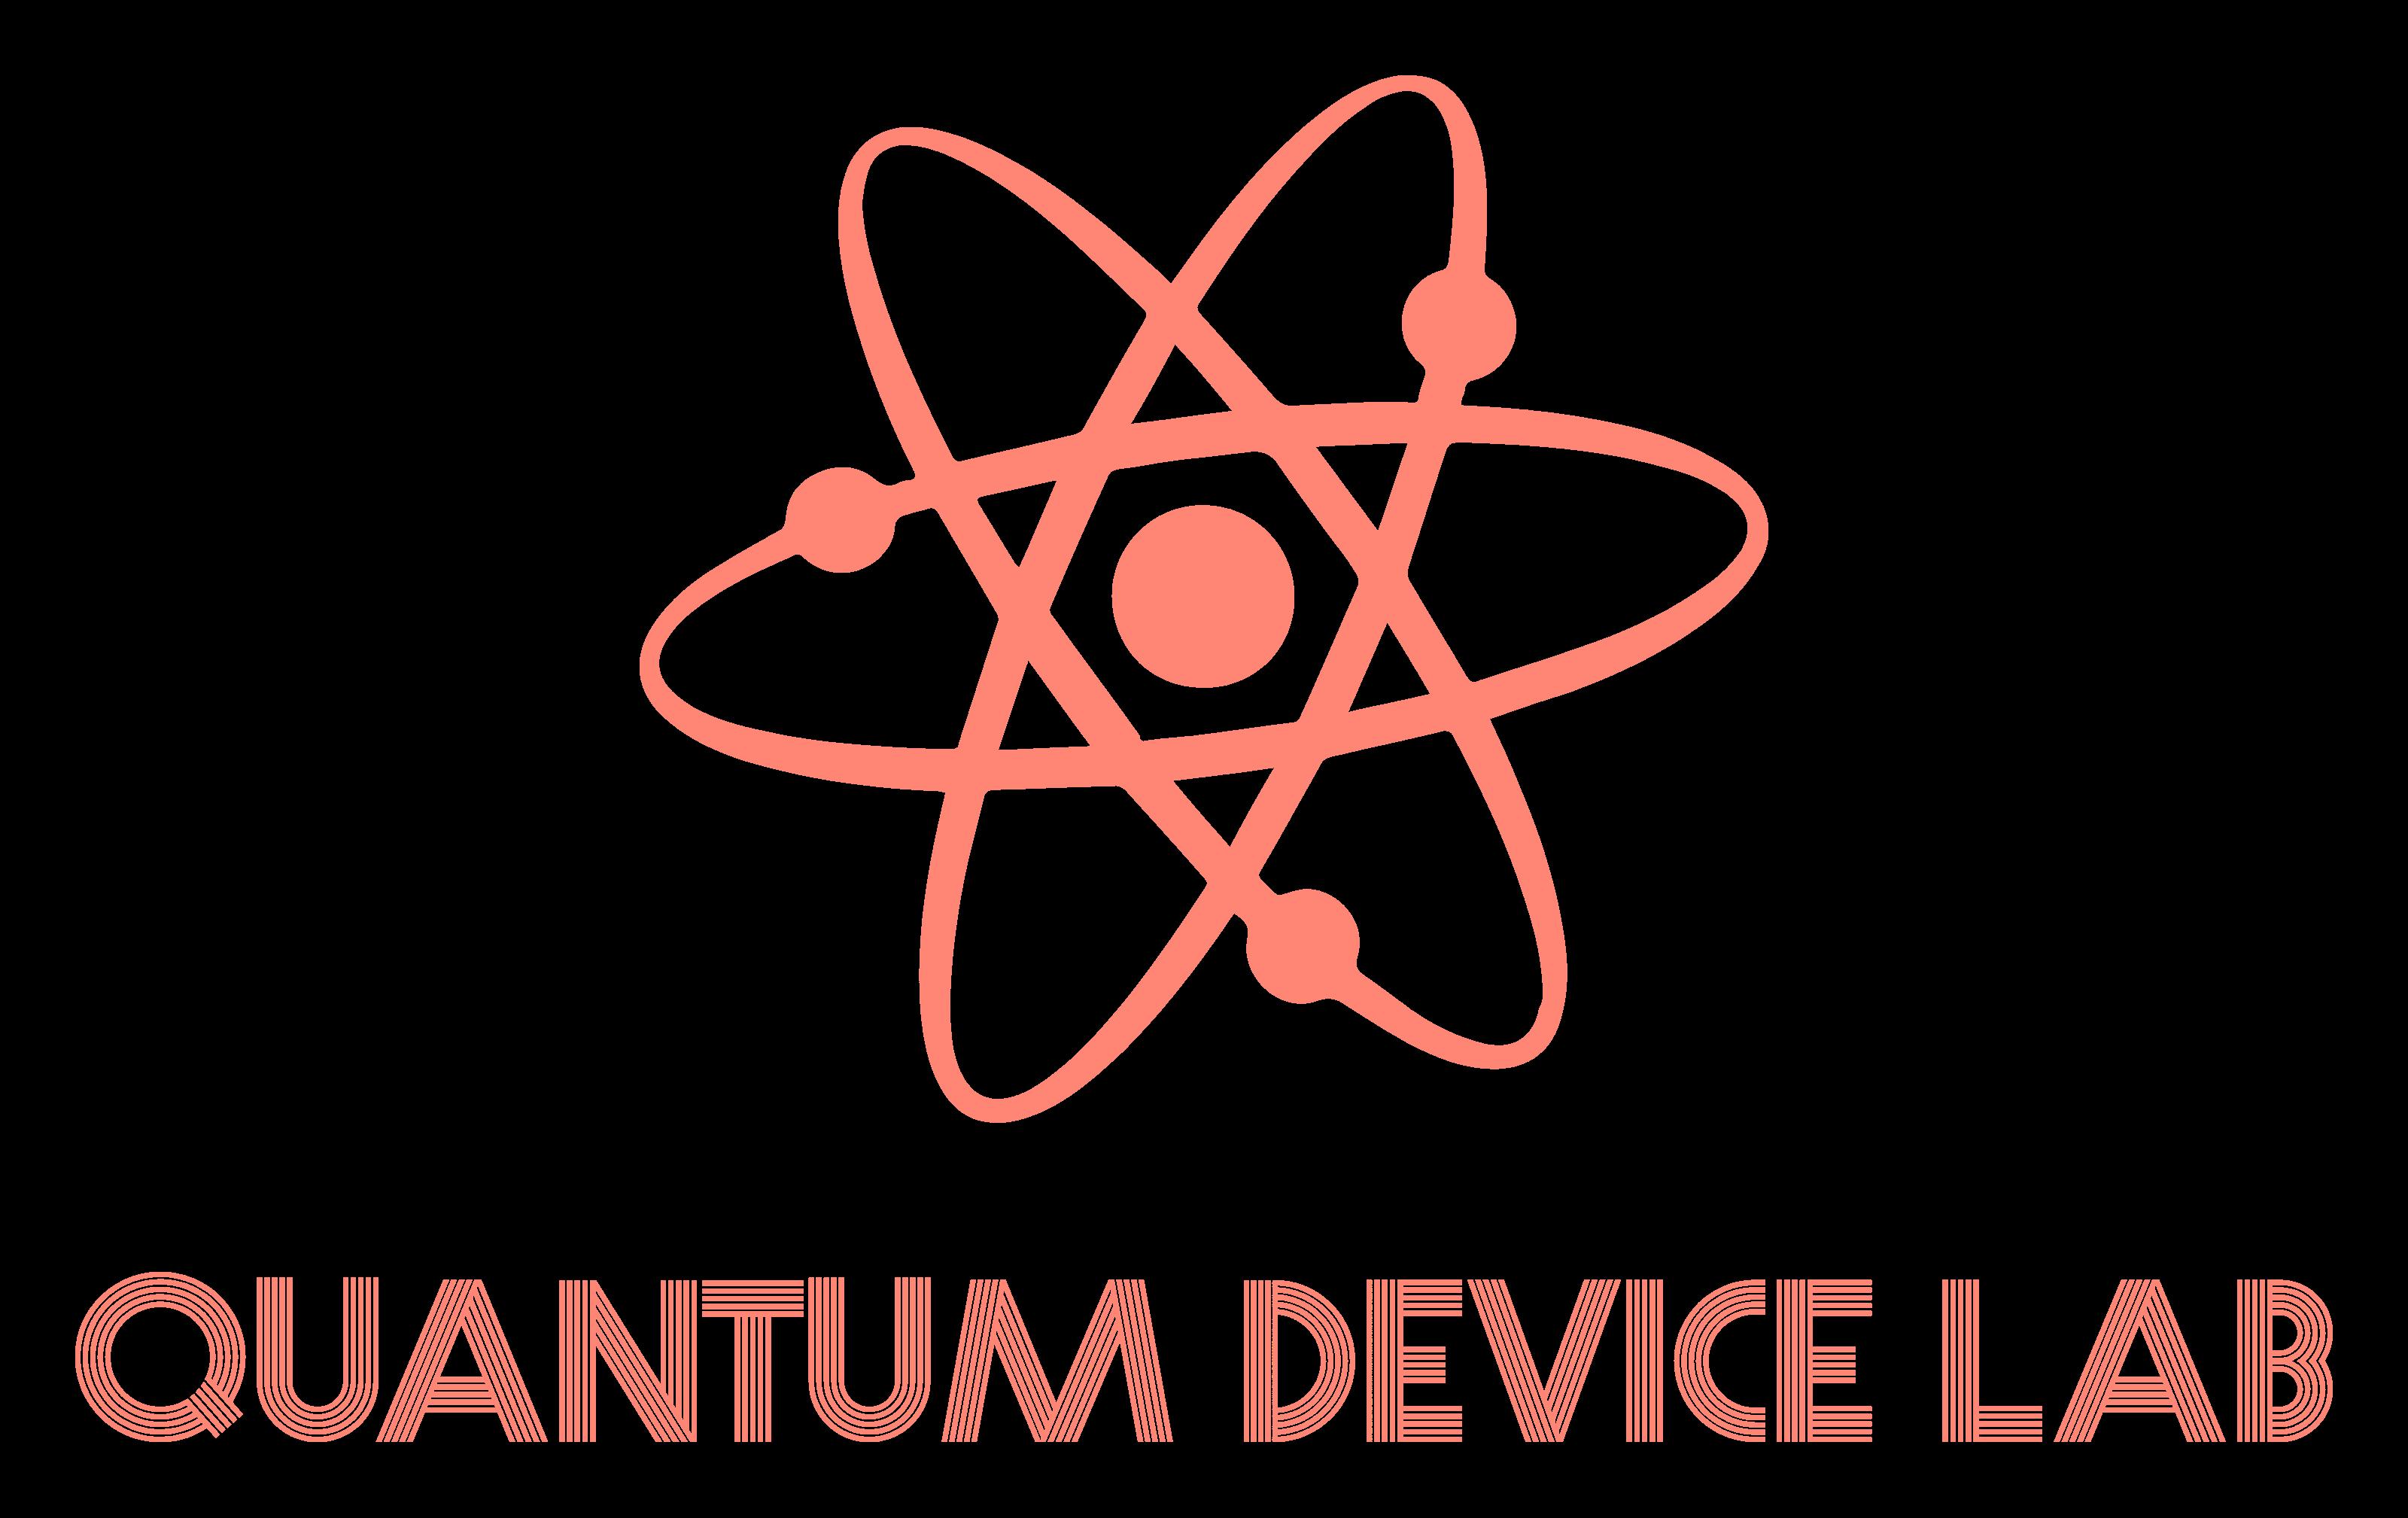 Quantum Device Engineering Lab